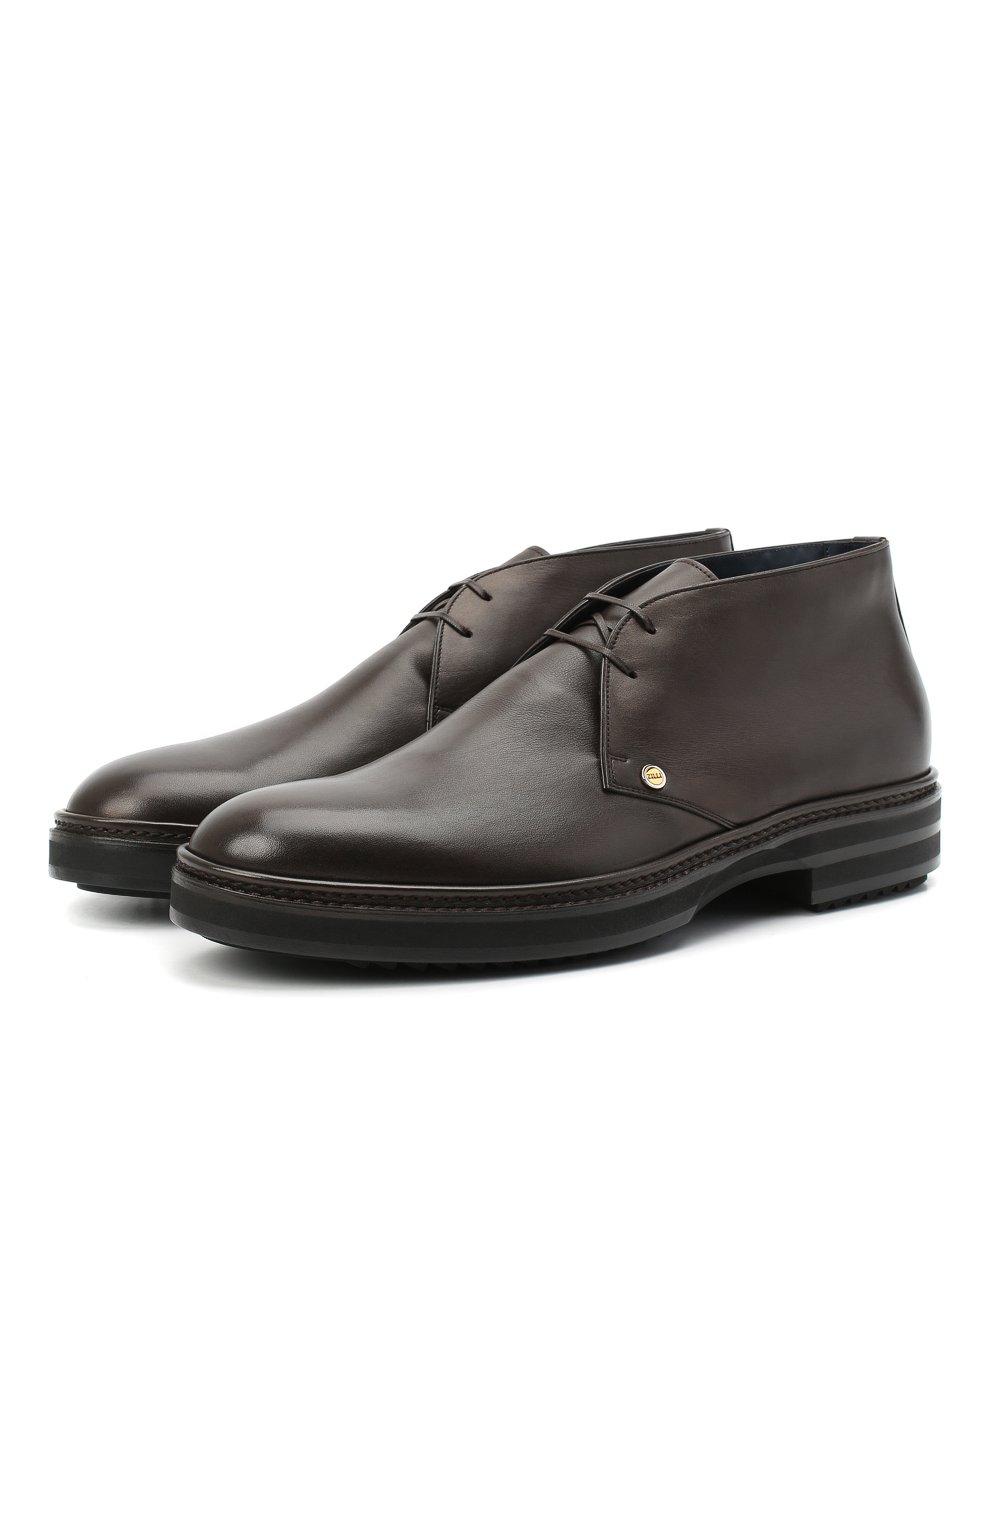 Мужские кожаные ботинки ZILLI коричневого цвета, арт. MDU-A095/005 | Фото 1 (Мужское Кросс-КТ: Ботинки-обувь, Дезерты-обувь; Материал внутренний: Текстиль; Подошва: Массивная)